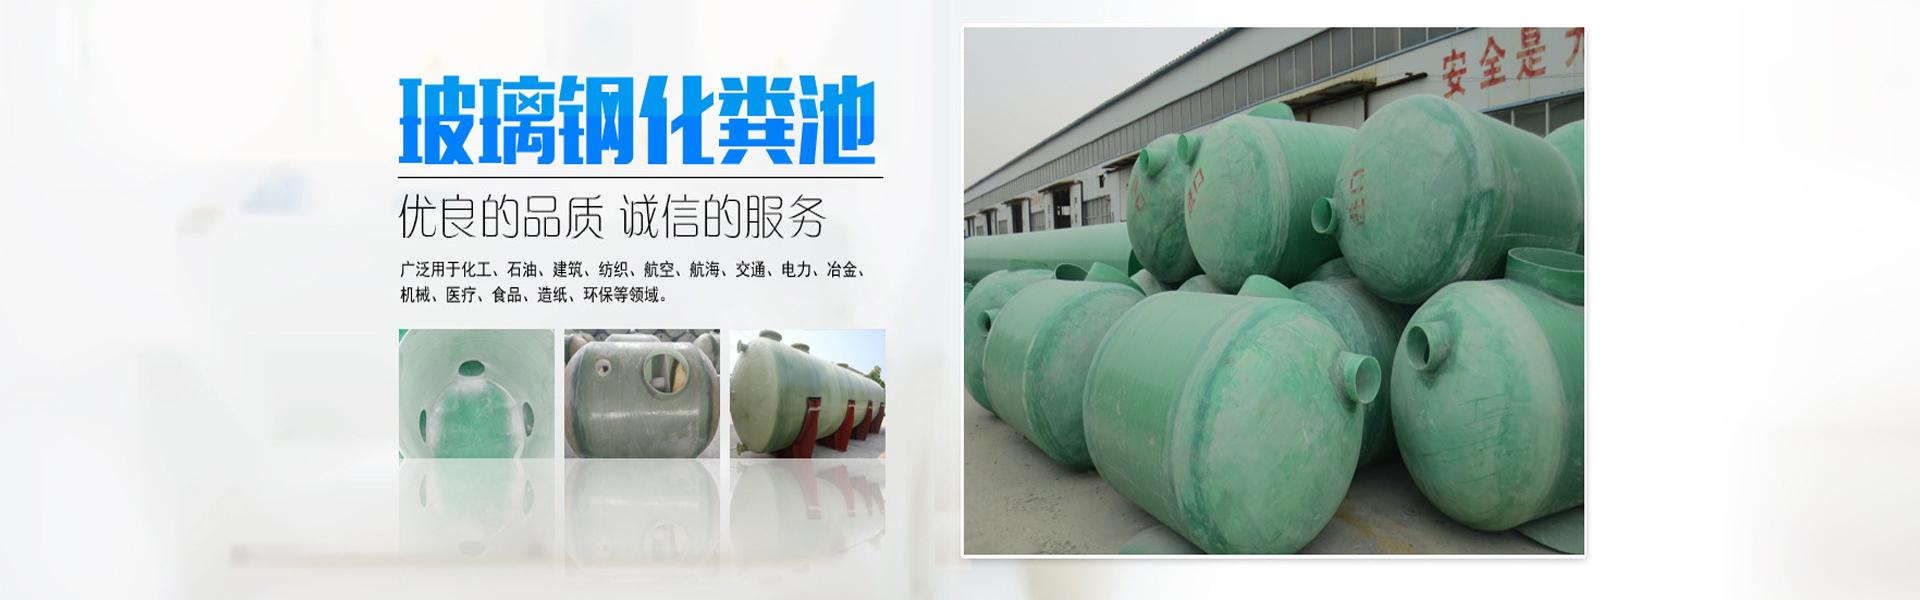 河北智凯玻璃钢有限公司